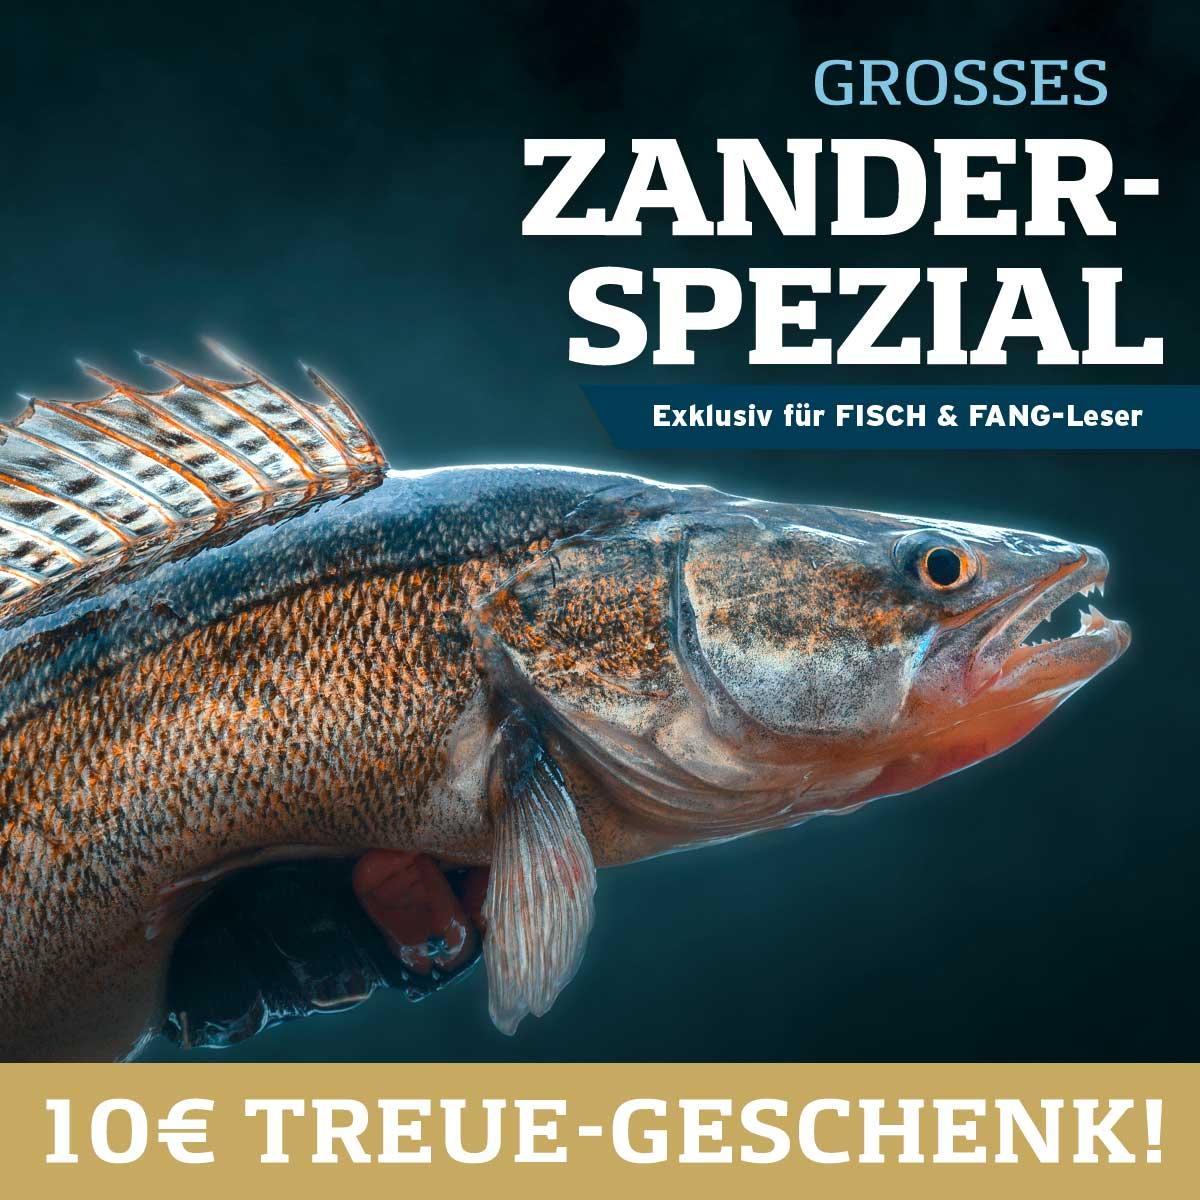 Zander-Spezial